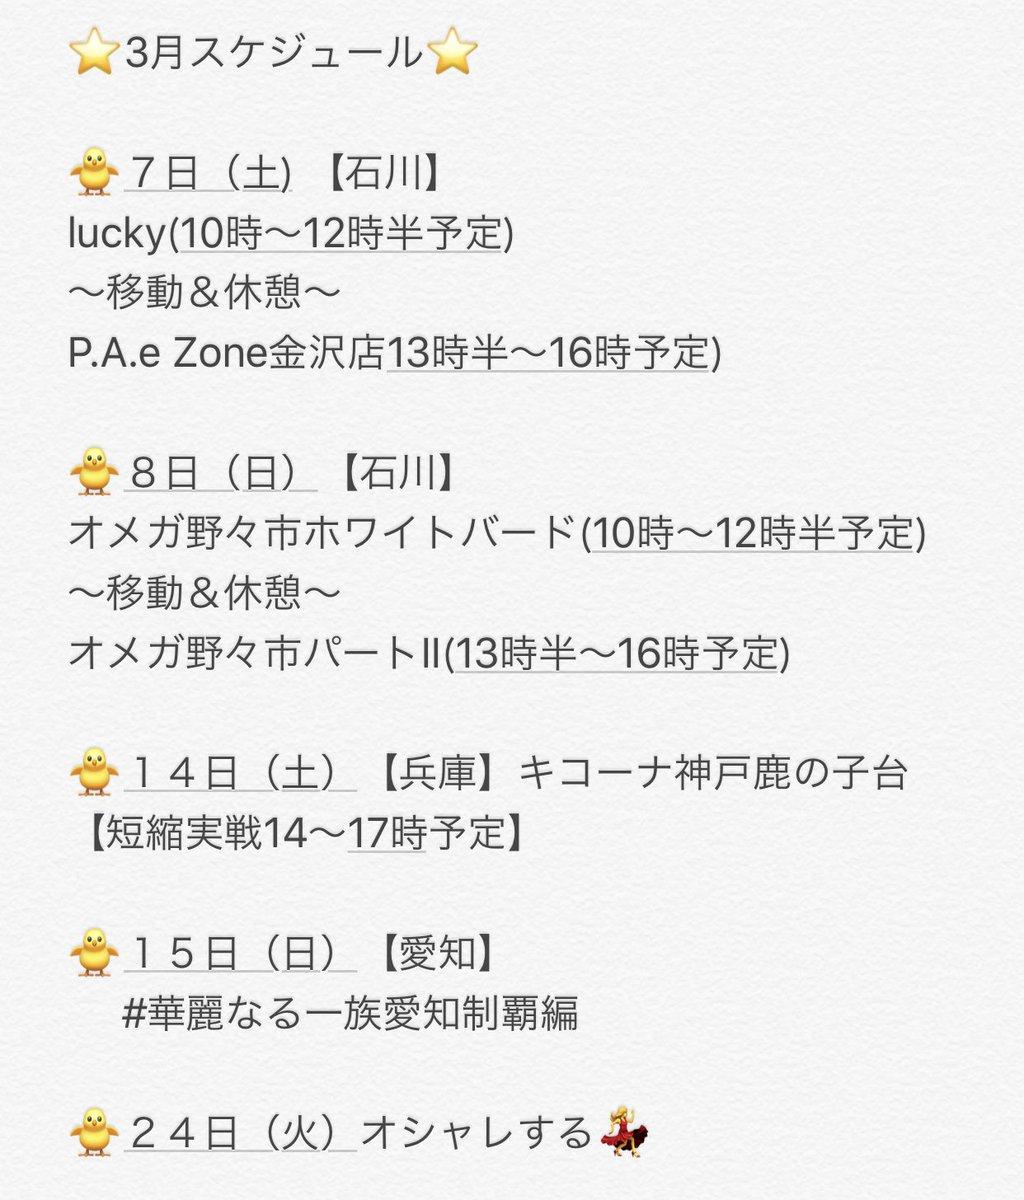 3月のスケジュールです  3月は初の石川県に!! 来店スケジュールは少なめなので 最近グイグイ来てる親知らず🦷とお別れする予定です😭  遊びに来てね! #はづきよてい https://t.co/uxeBEU9rbE